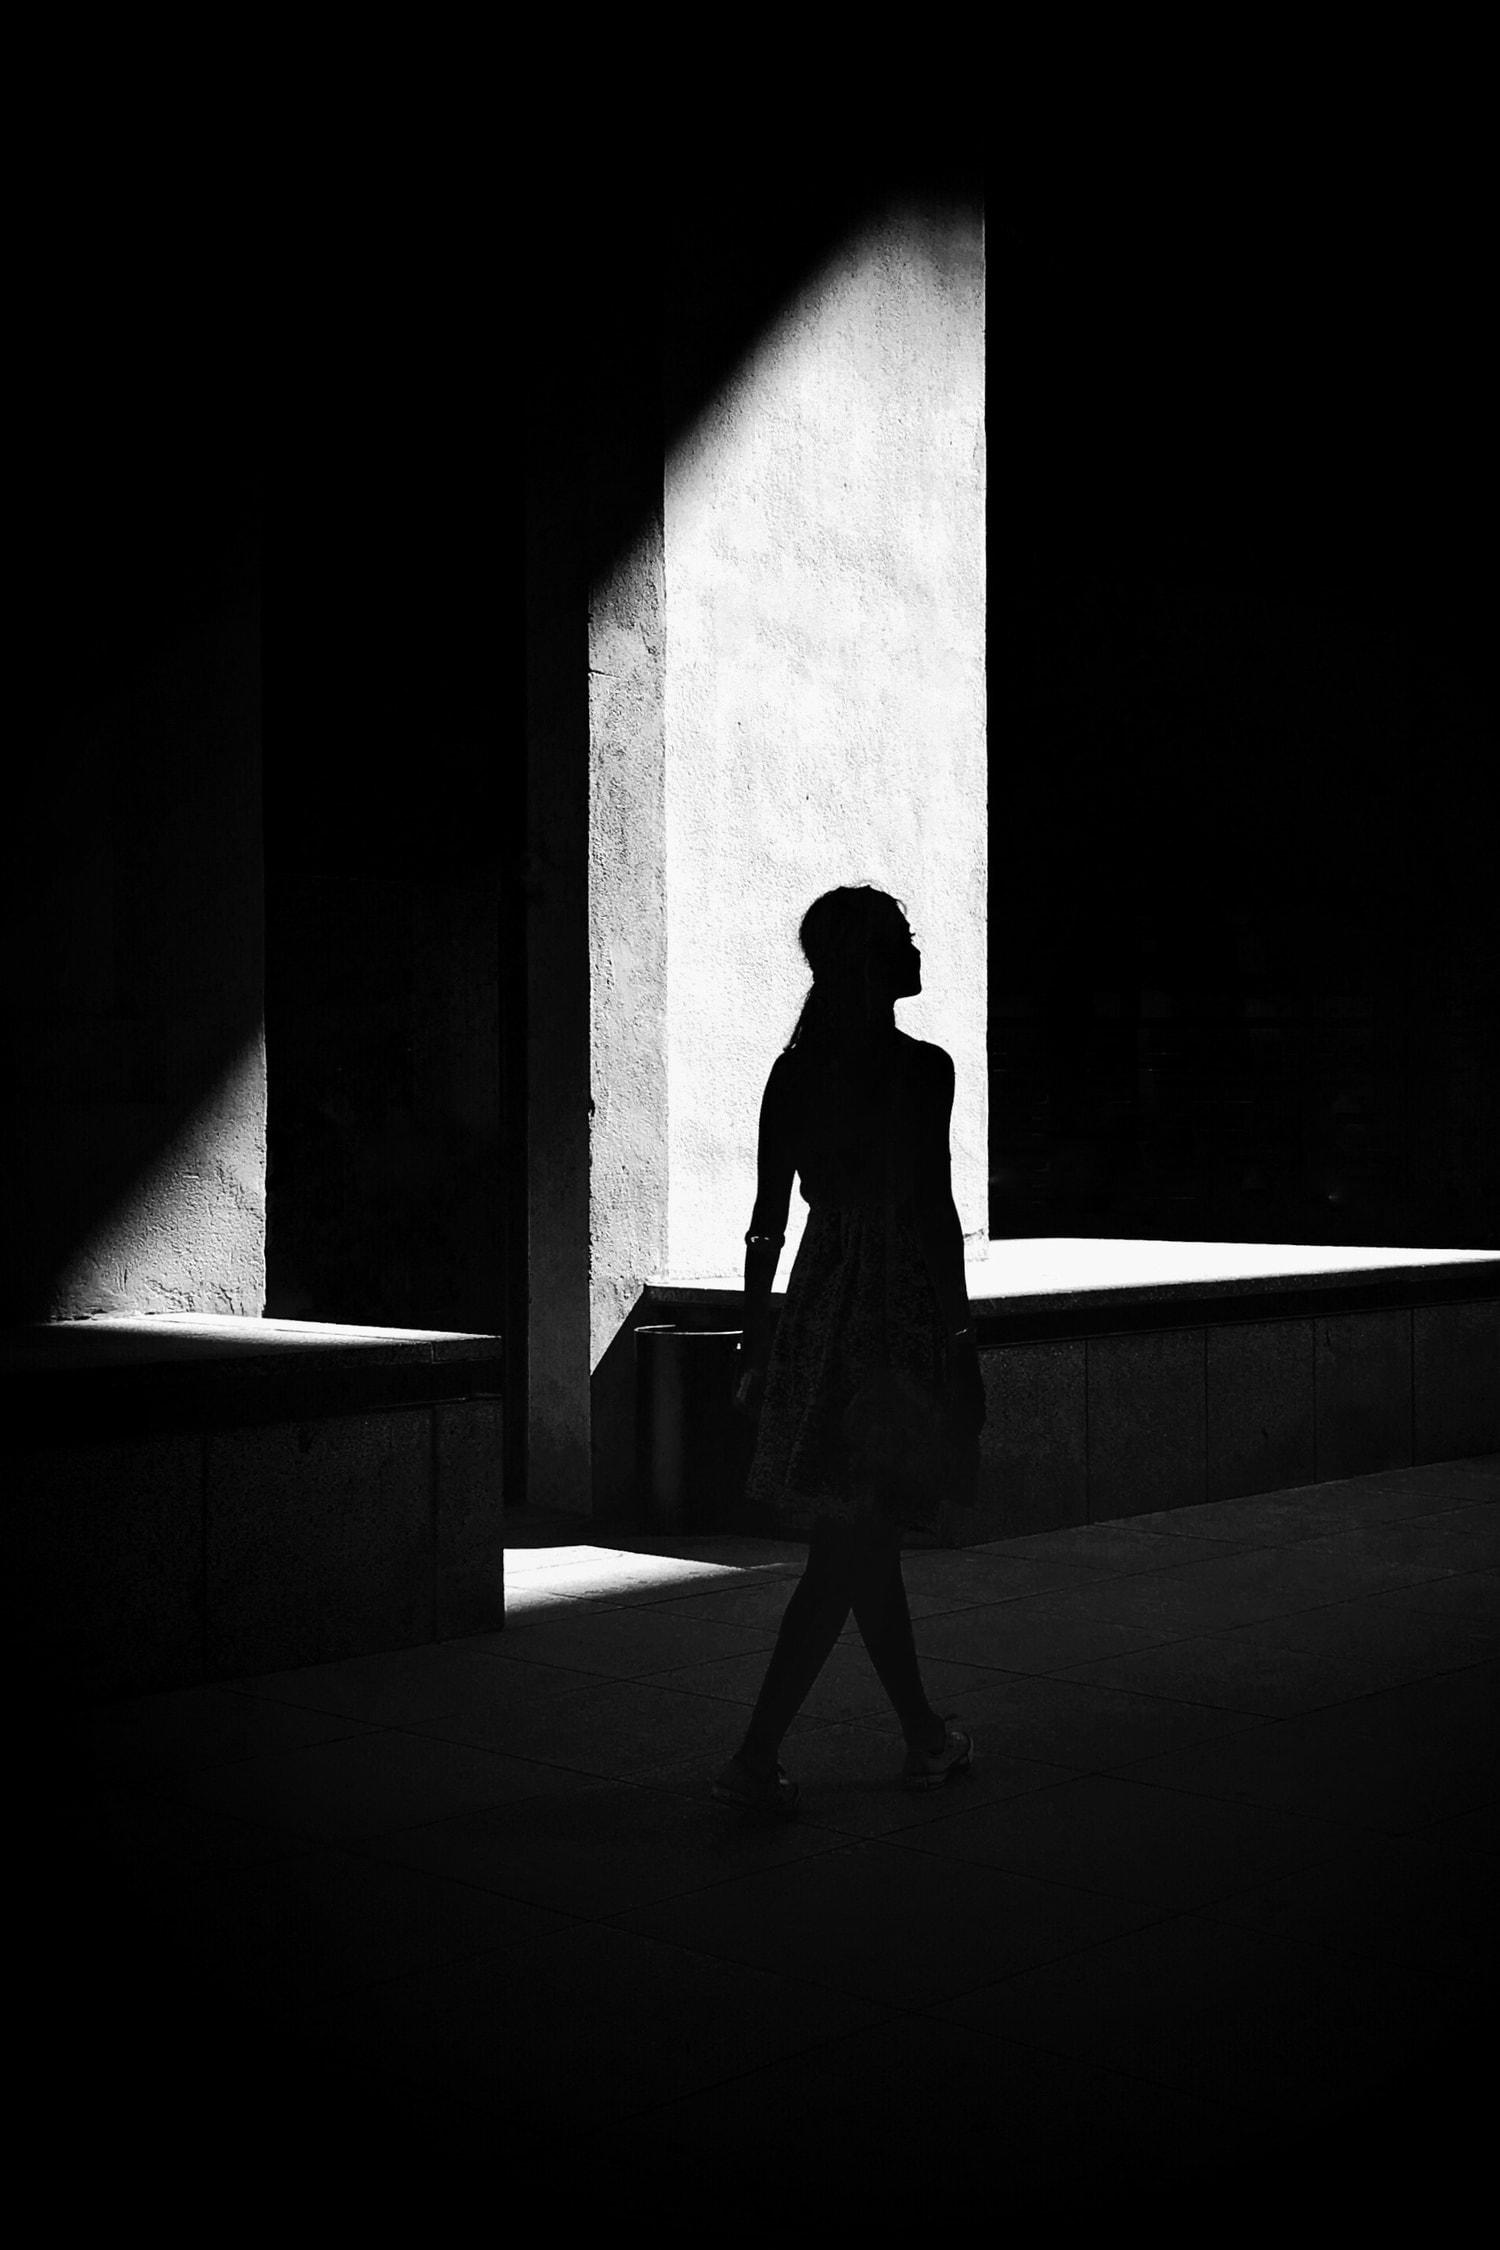 fotografía callejera de la silueta de una mujer